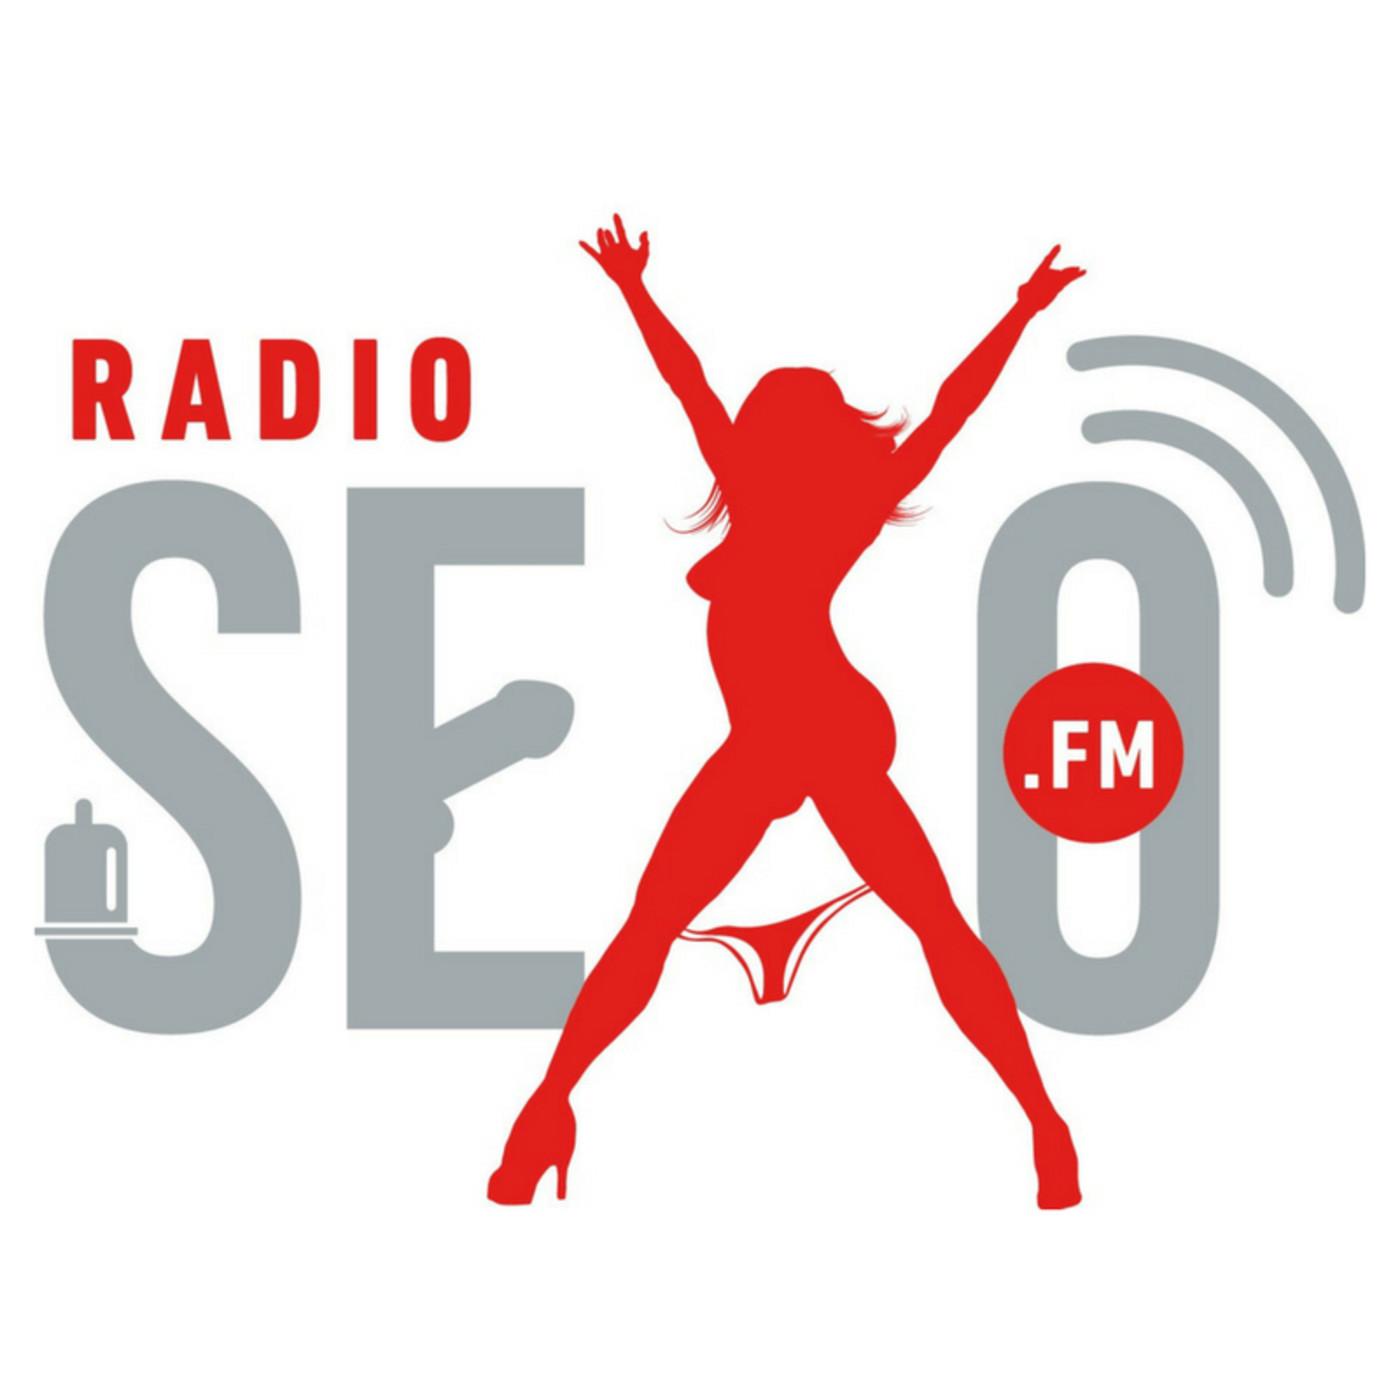 1eb1c694d4e26 Under Counter Radio CD Players Fm 3 0 1: Escucha El Canal RadioSexo.FM